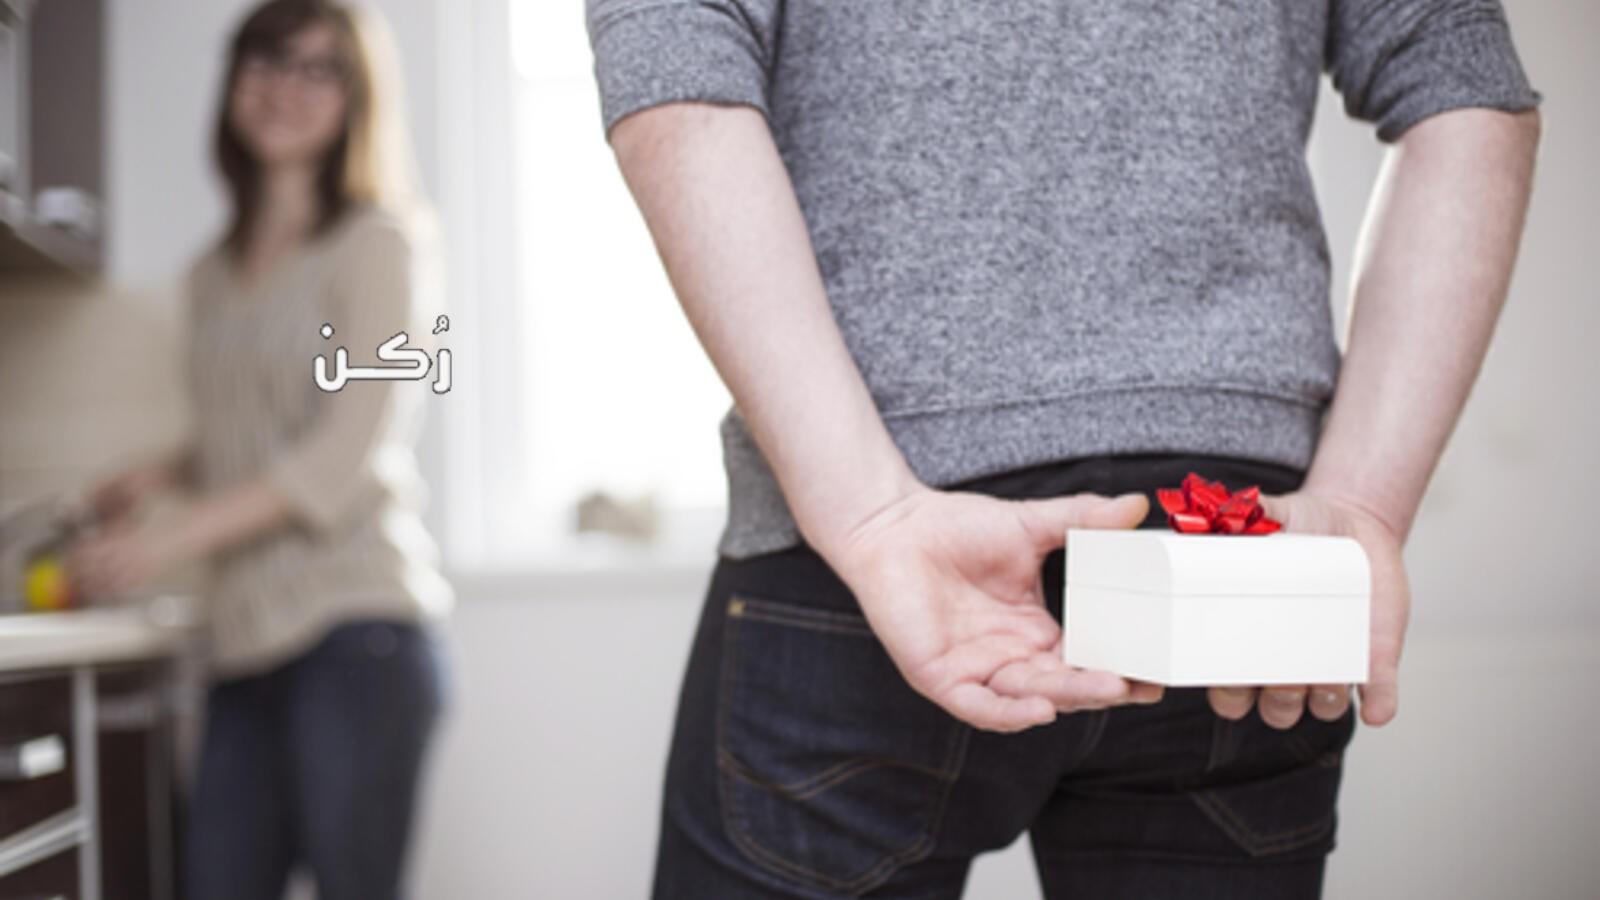 طرق تغيير روتين الحياة الزوجية بخطوات سهلة